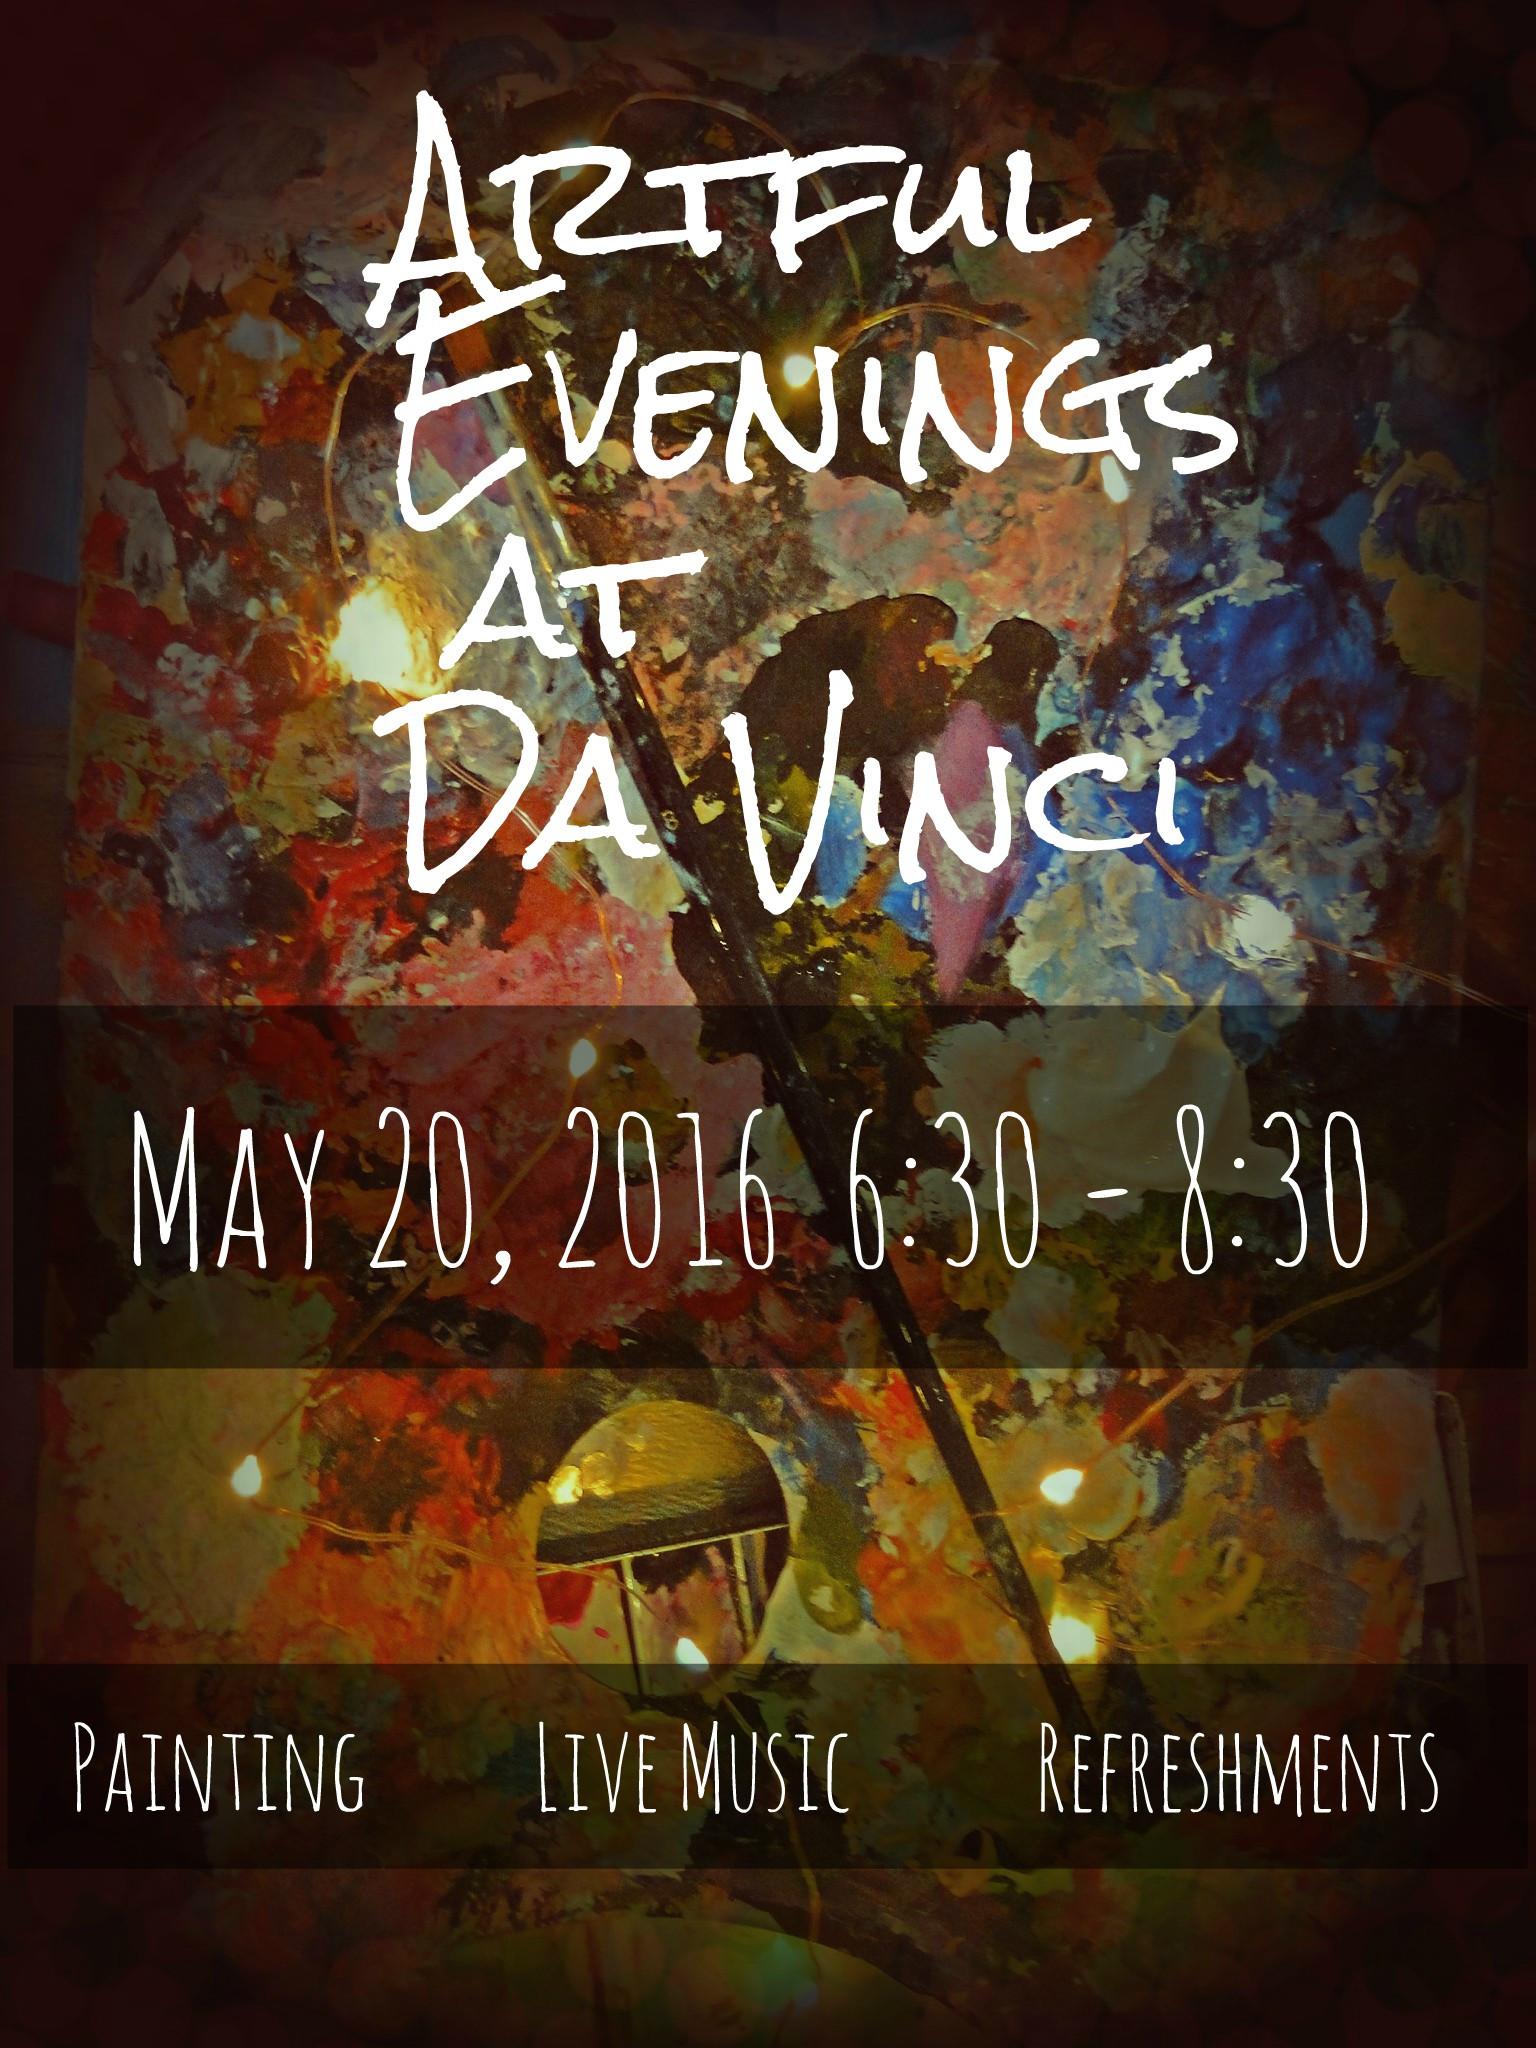 Artful Evenings at Da VInci